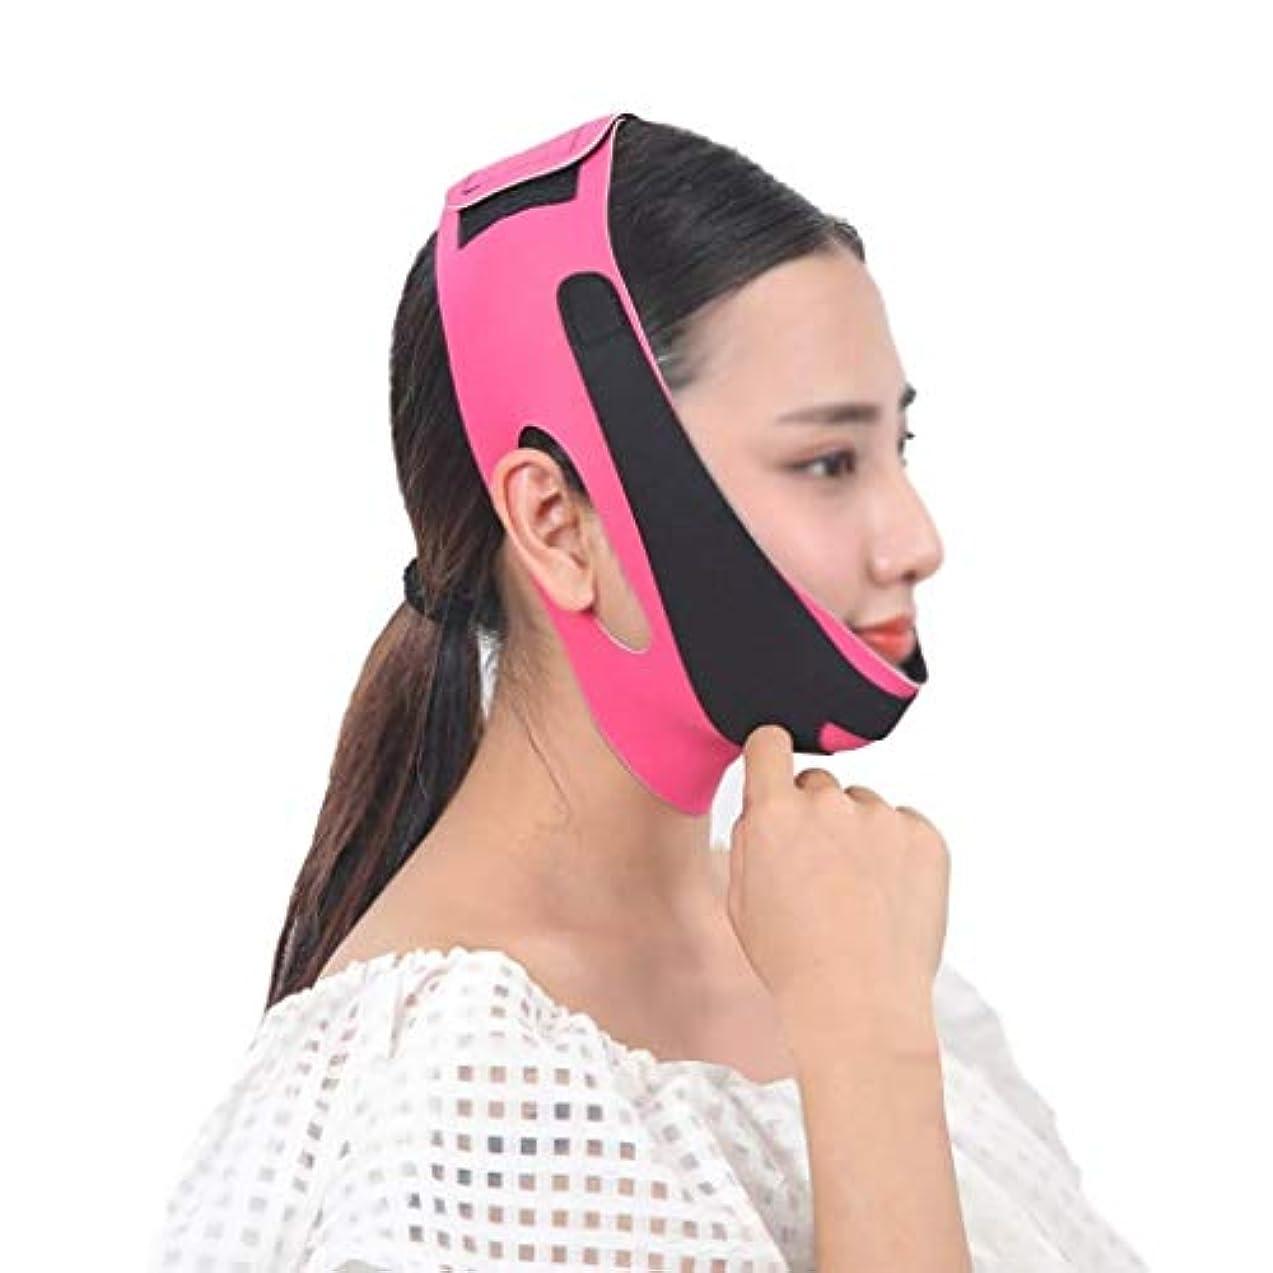 バイナリグラディス動機フェイスアンドネックリフト術後弾性フェイスマスク小さなV顔アーティファクト薄い顔包帯アーティファクトV顔ぶら下げ耳リフティング引き締め薄い顔アーティファクト